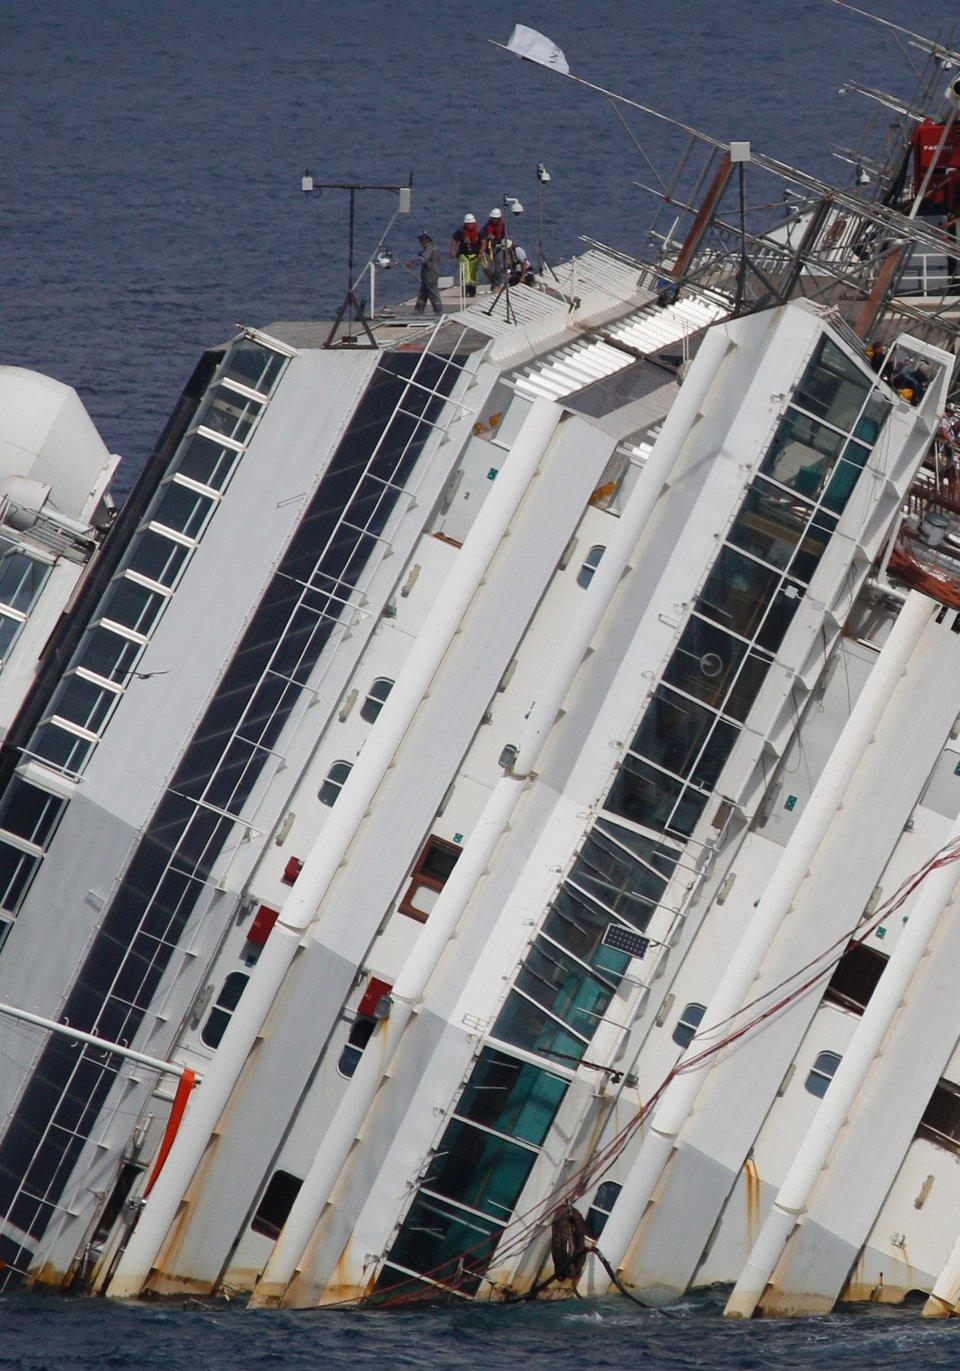 Rozpoczęła się operacja podniesienia wraku Costy Concordii, statku, który w styczniu 2012 r. uderzył w skały u wybrzeży włoskiej wyspy Giglio. Zginęły wtedy 32 osoby, a ponad 60 zostało rannych. W operacji podnoszenia statku, który jest dwukrotnie cięższy od Titanica, bierze udział 500 ekspertów z wielu krajów. Do tej pory projekt podniesienia wraku kosztował już 800 mln dolarów. Na zdjęciu: trwa badanie wraku przed operacją podniesienia